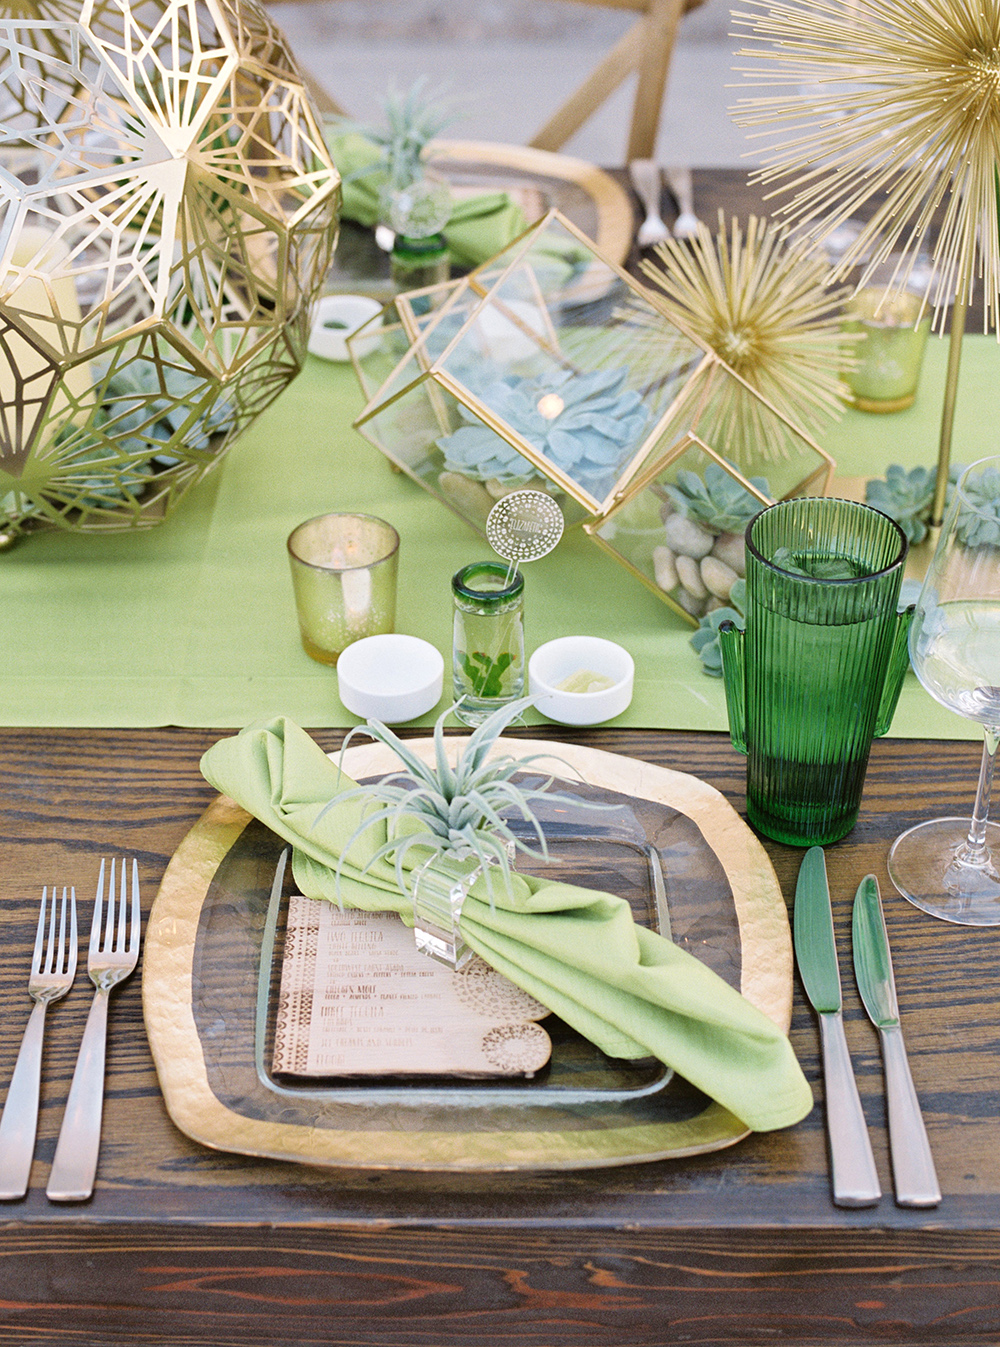 desert themed table setting